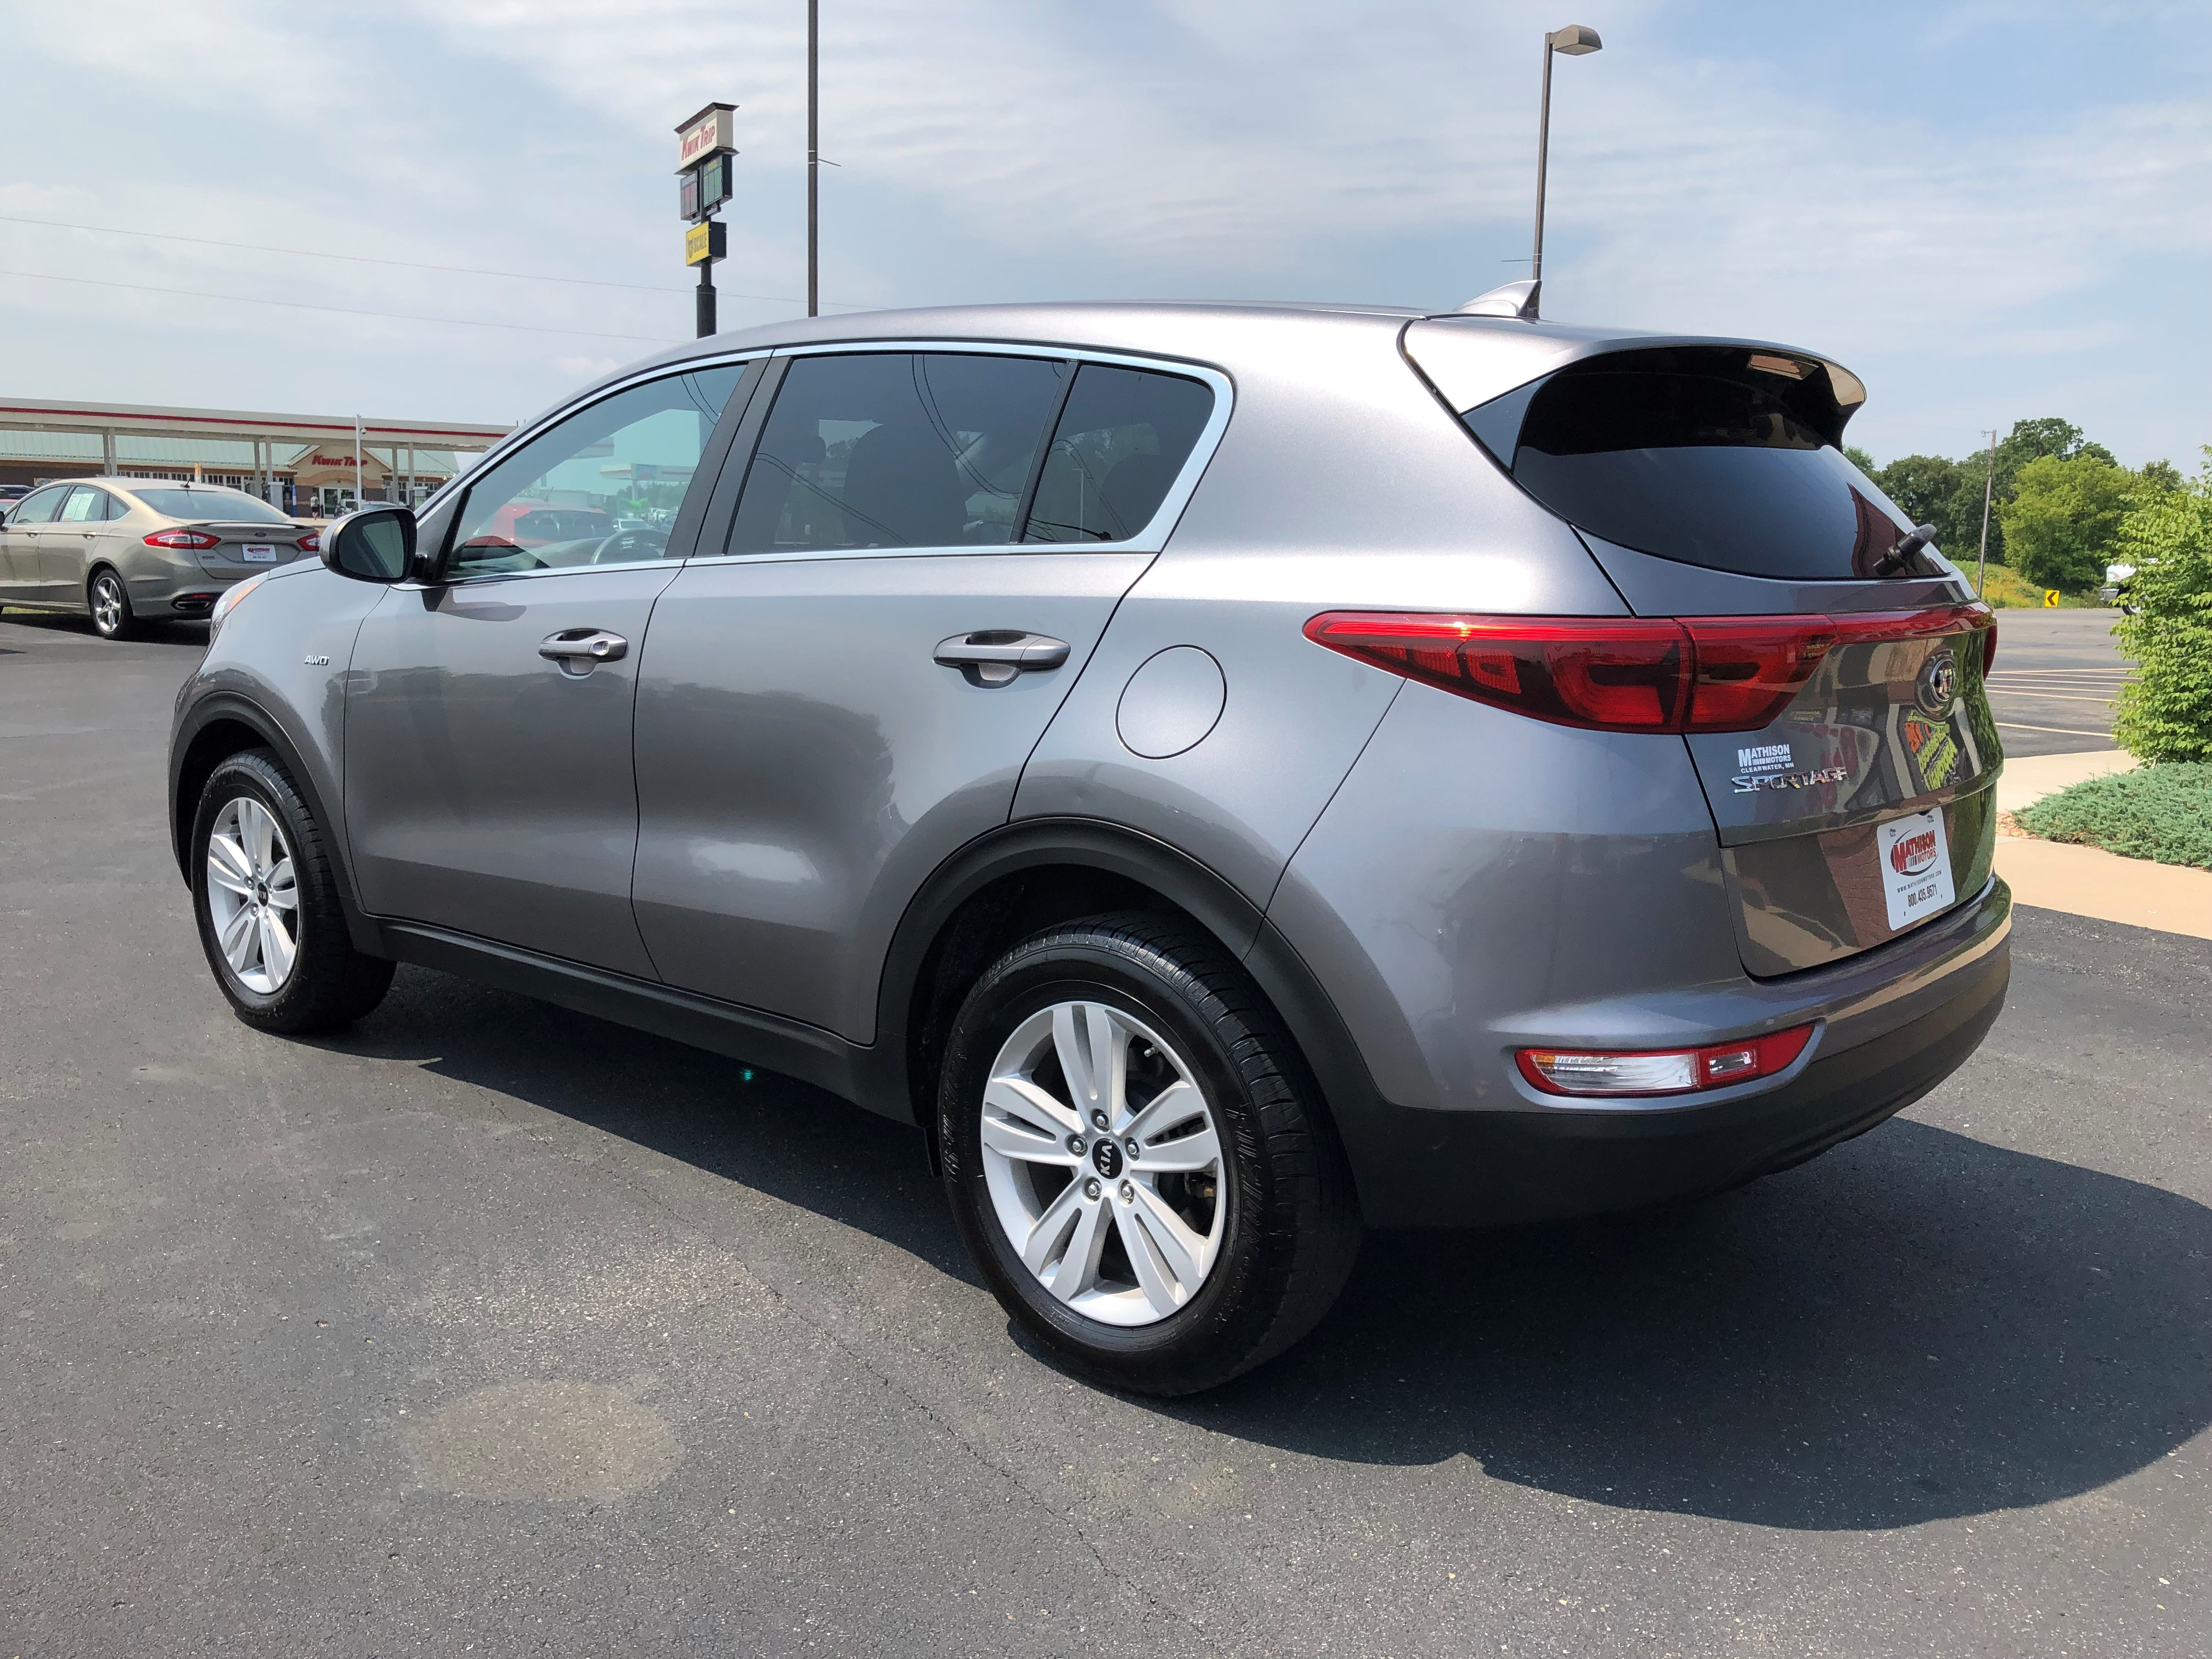 used vehicle - SUV KIA SPORTAGE 2017